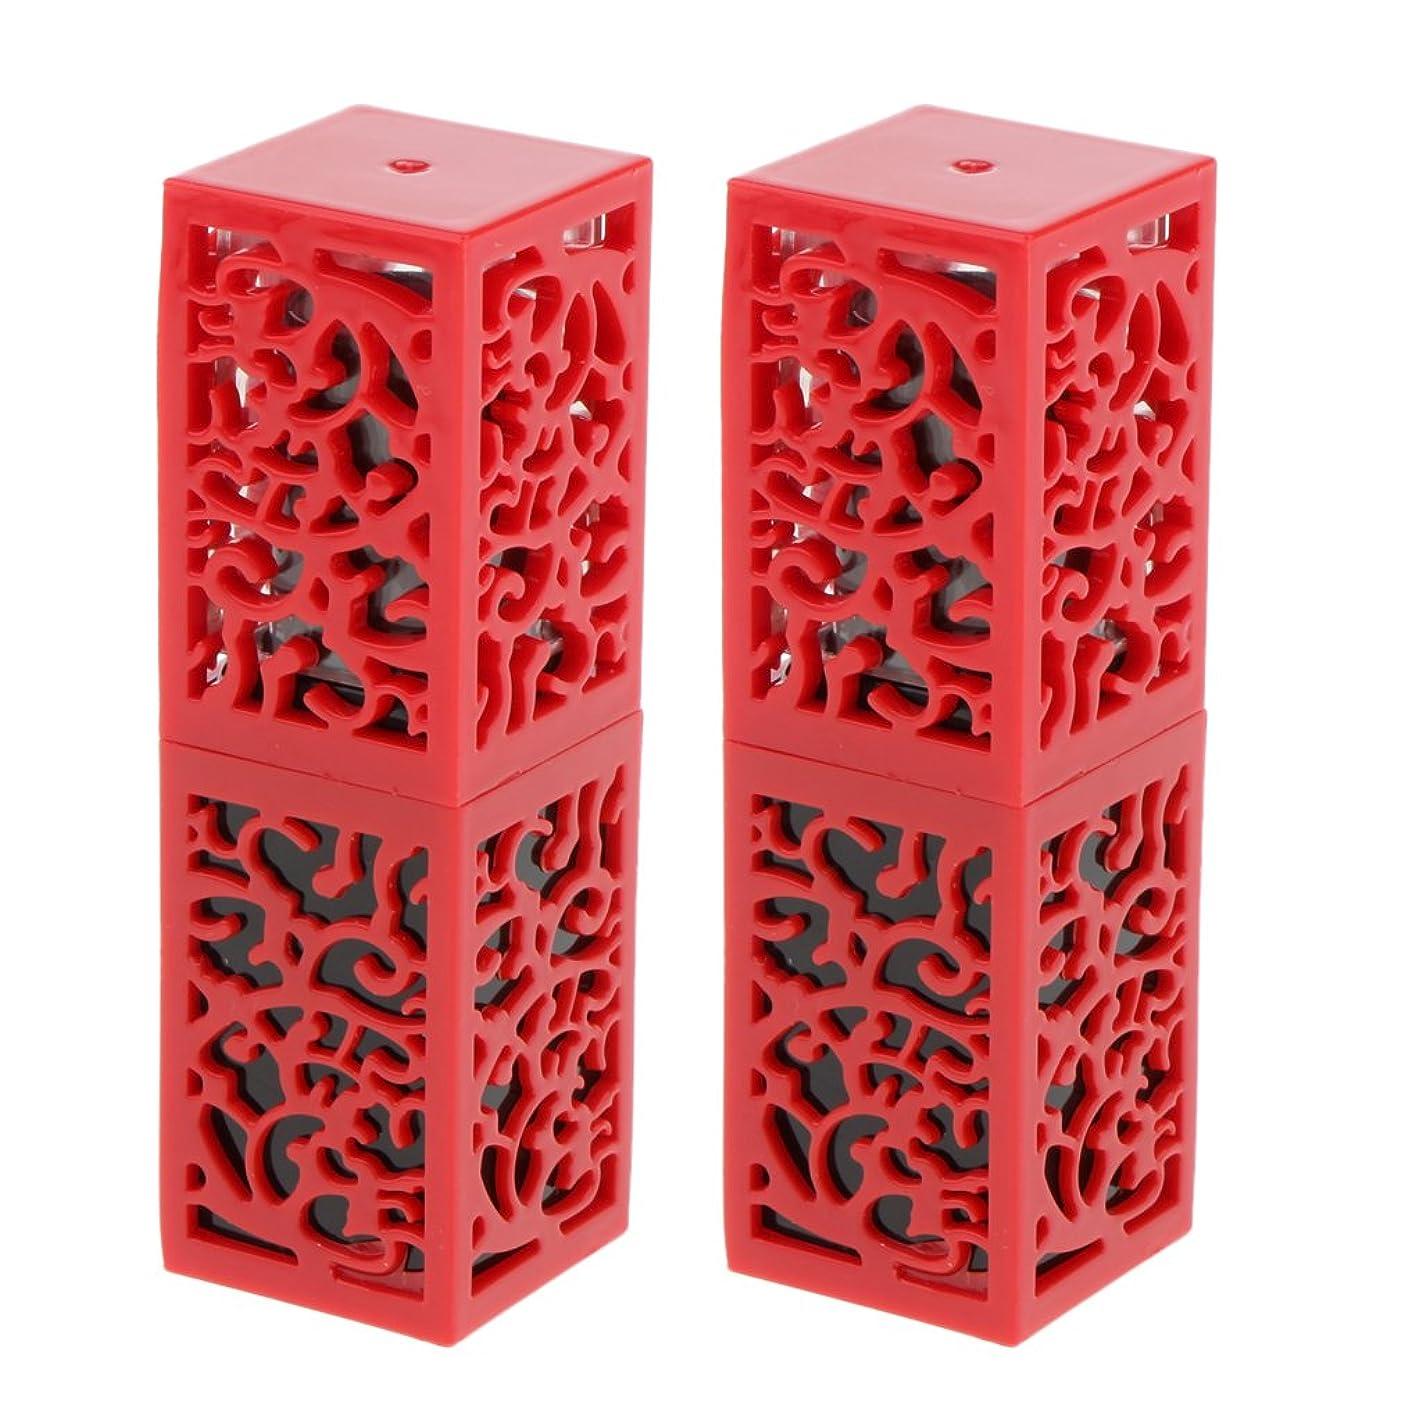 暗黙滑りやすい楕円形Homyl 2個入 口紅チューブ リップスティックチューブ 内径1.21cm 金型 おしゃれ プレゼント 手作り 全2色 - 赤